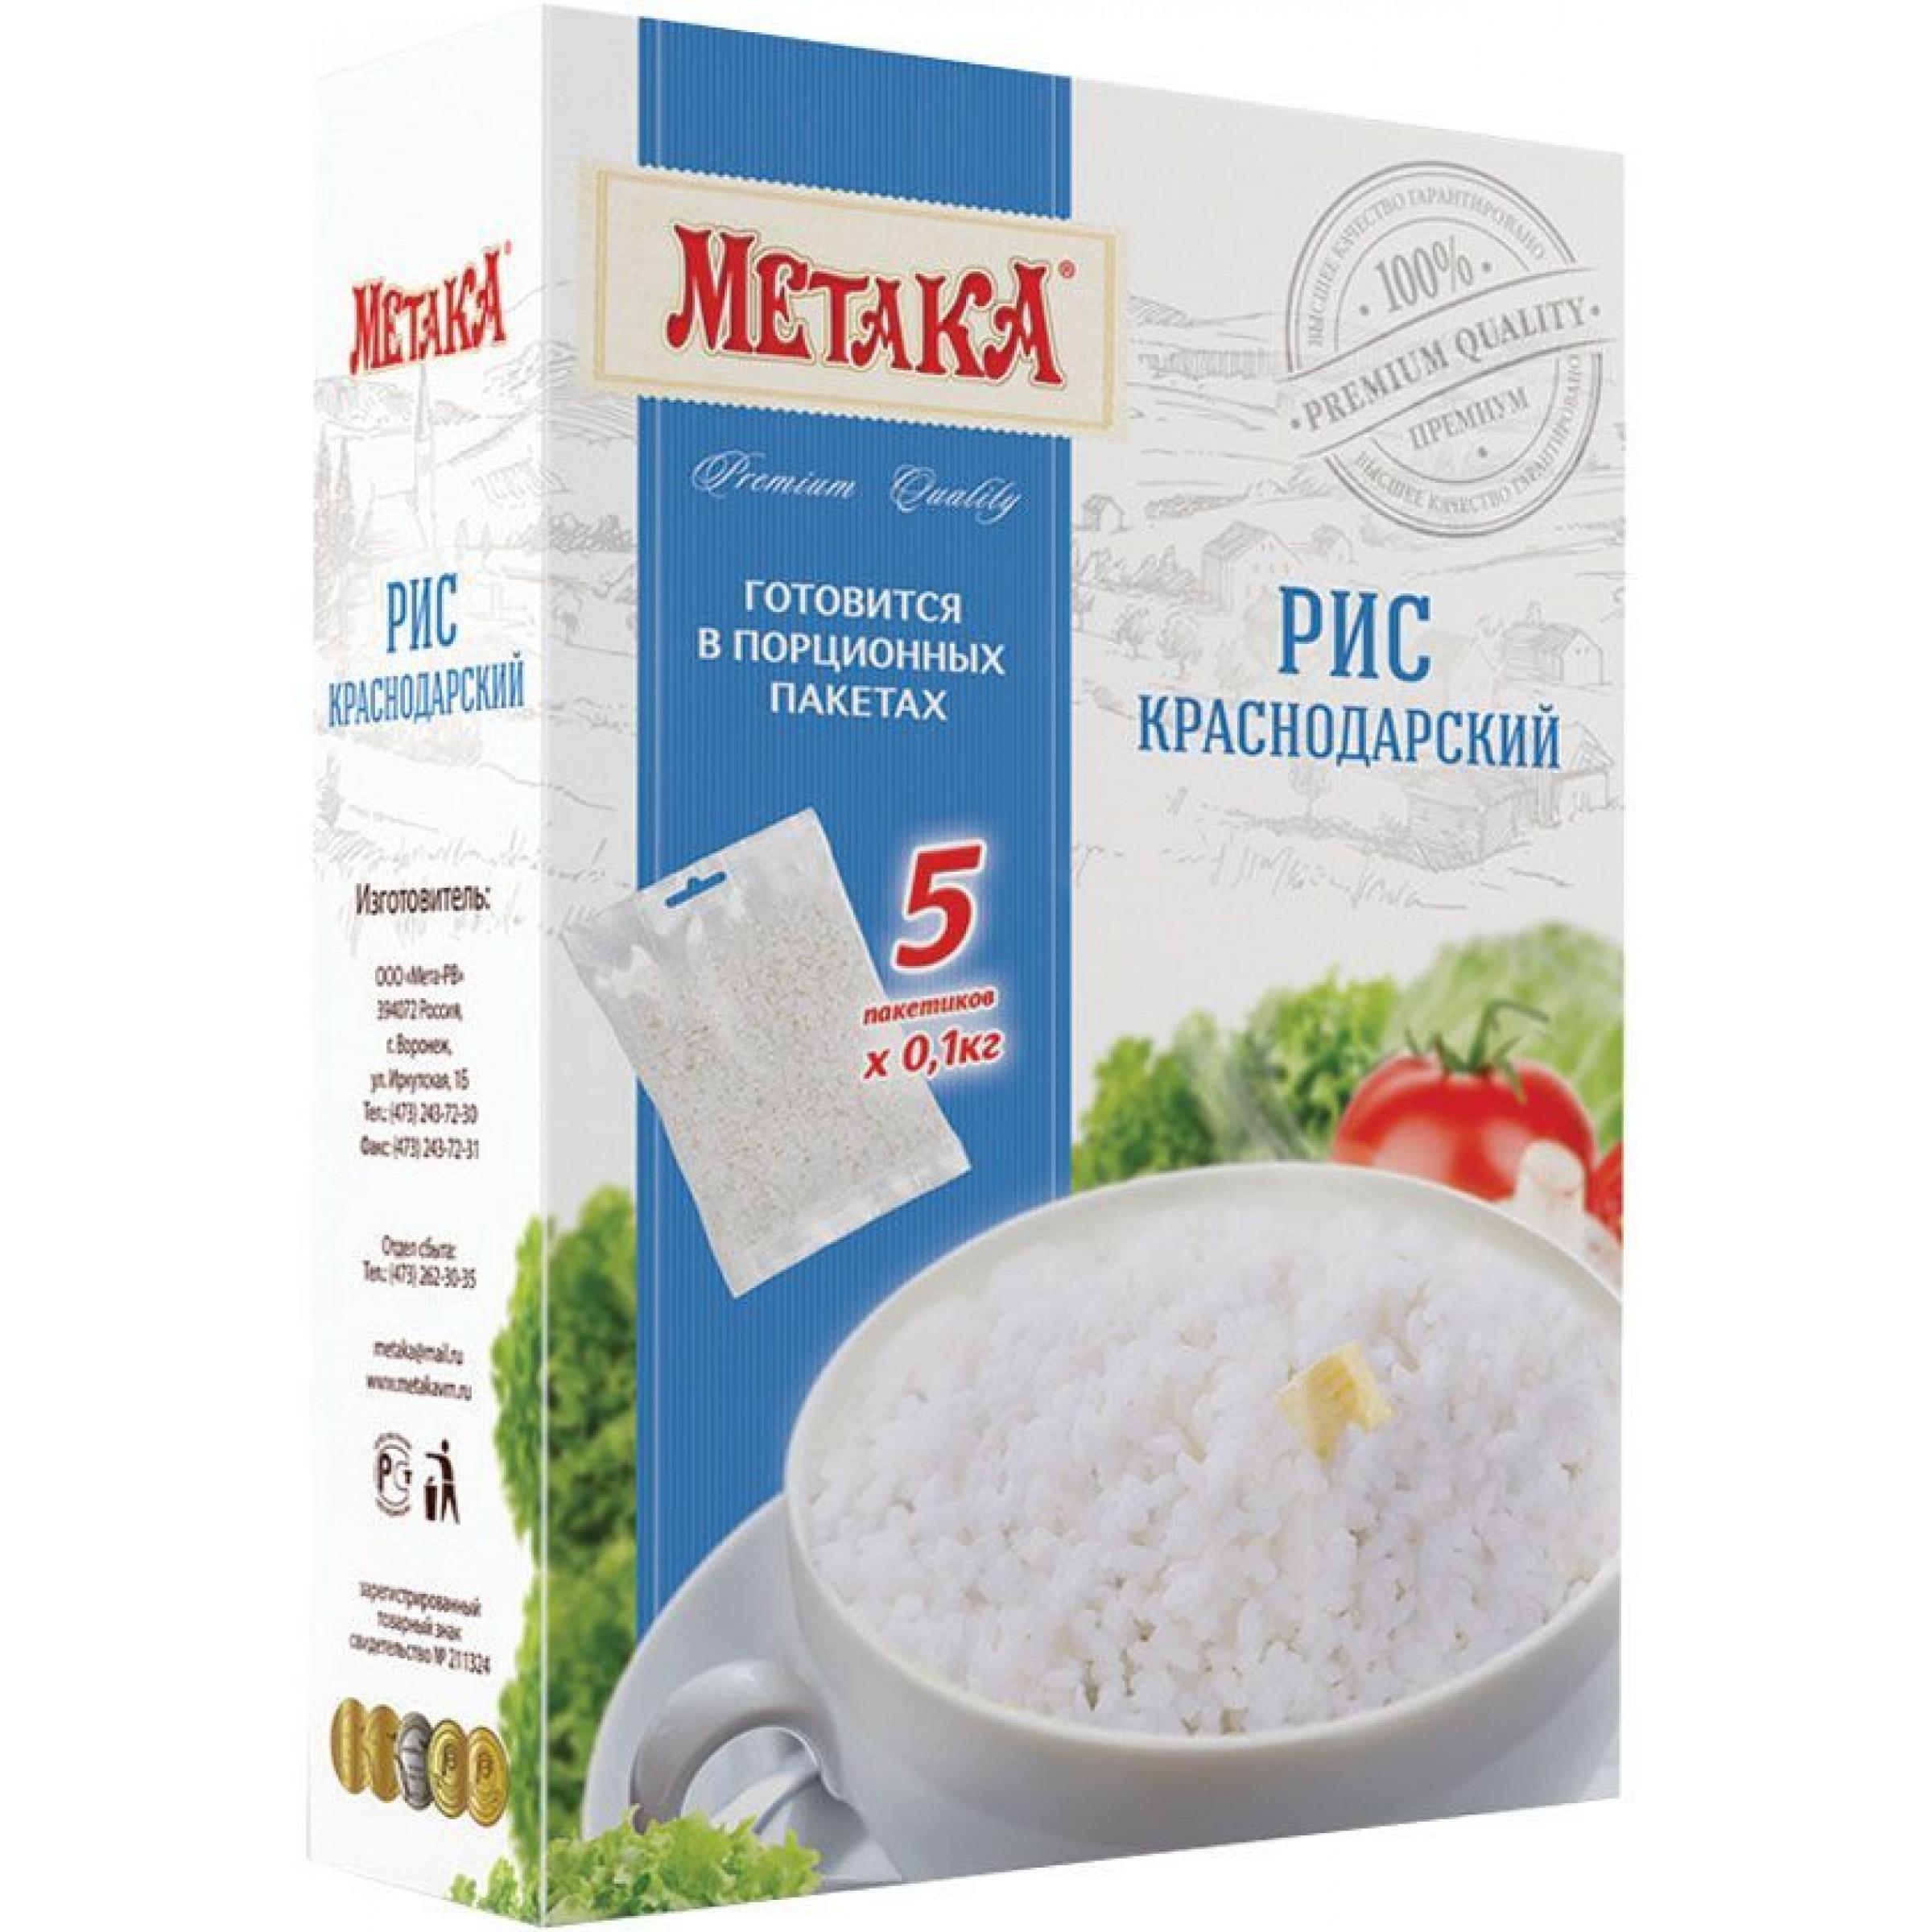 Рис Краснодарский в варочных пакетах «Метака», 5*100гр